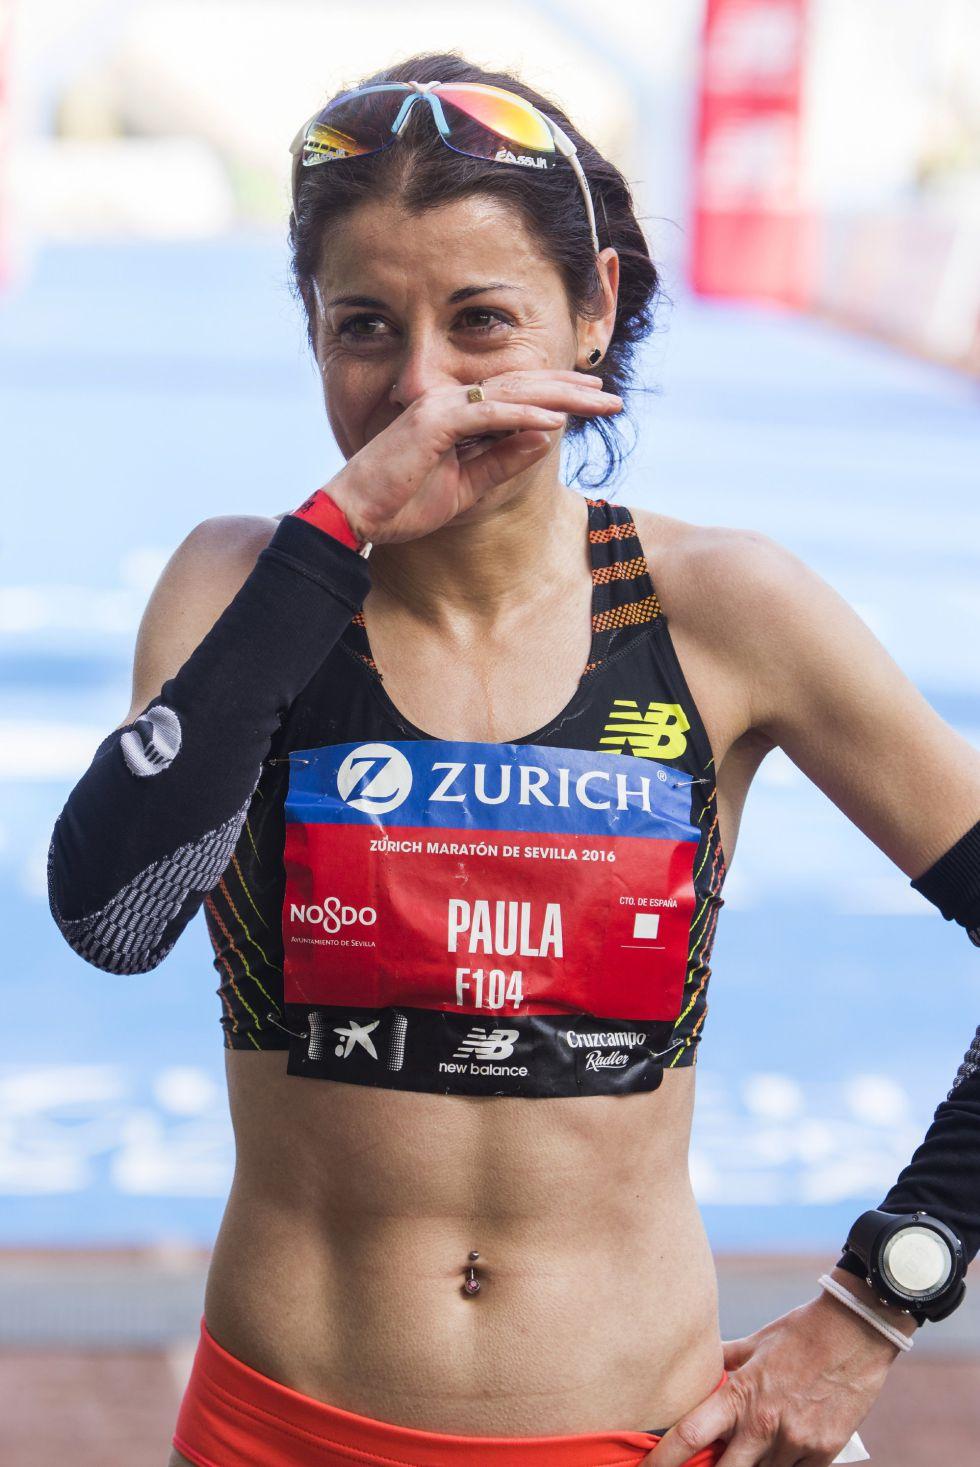 Maratón 2016 1456169963_807843_1456170024_noticia_grande